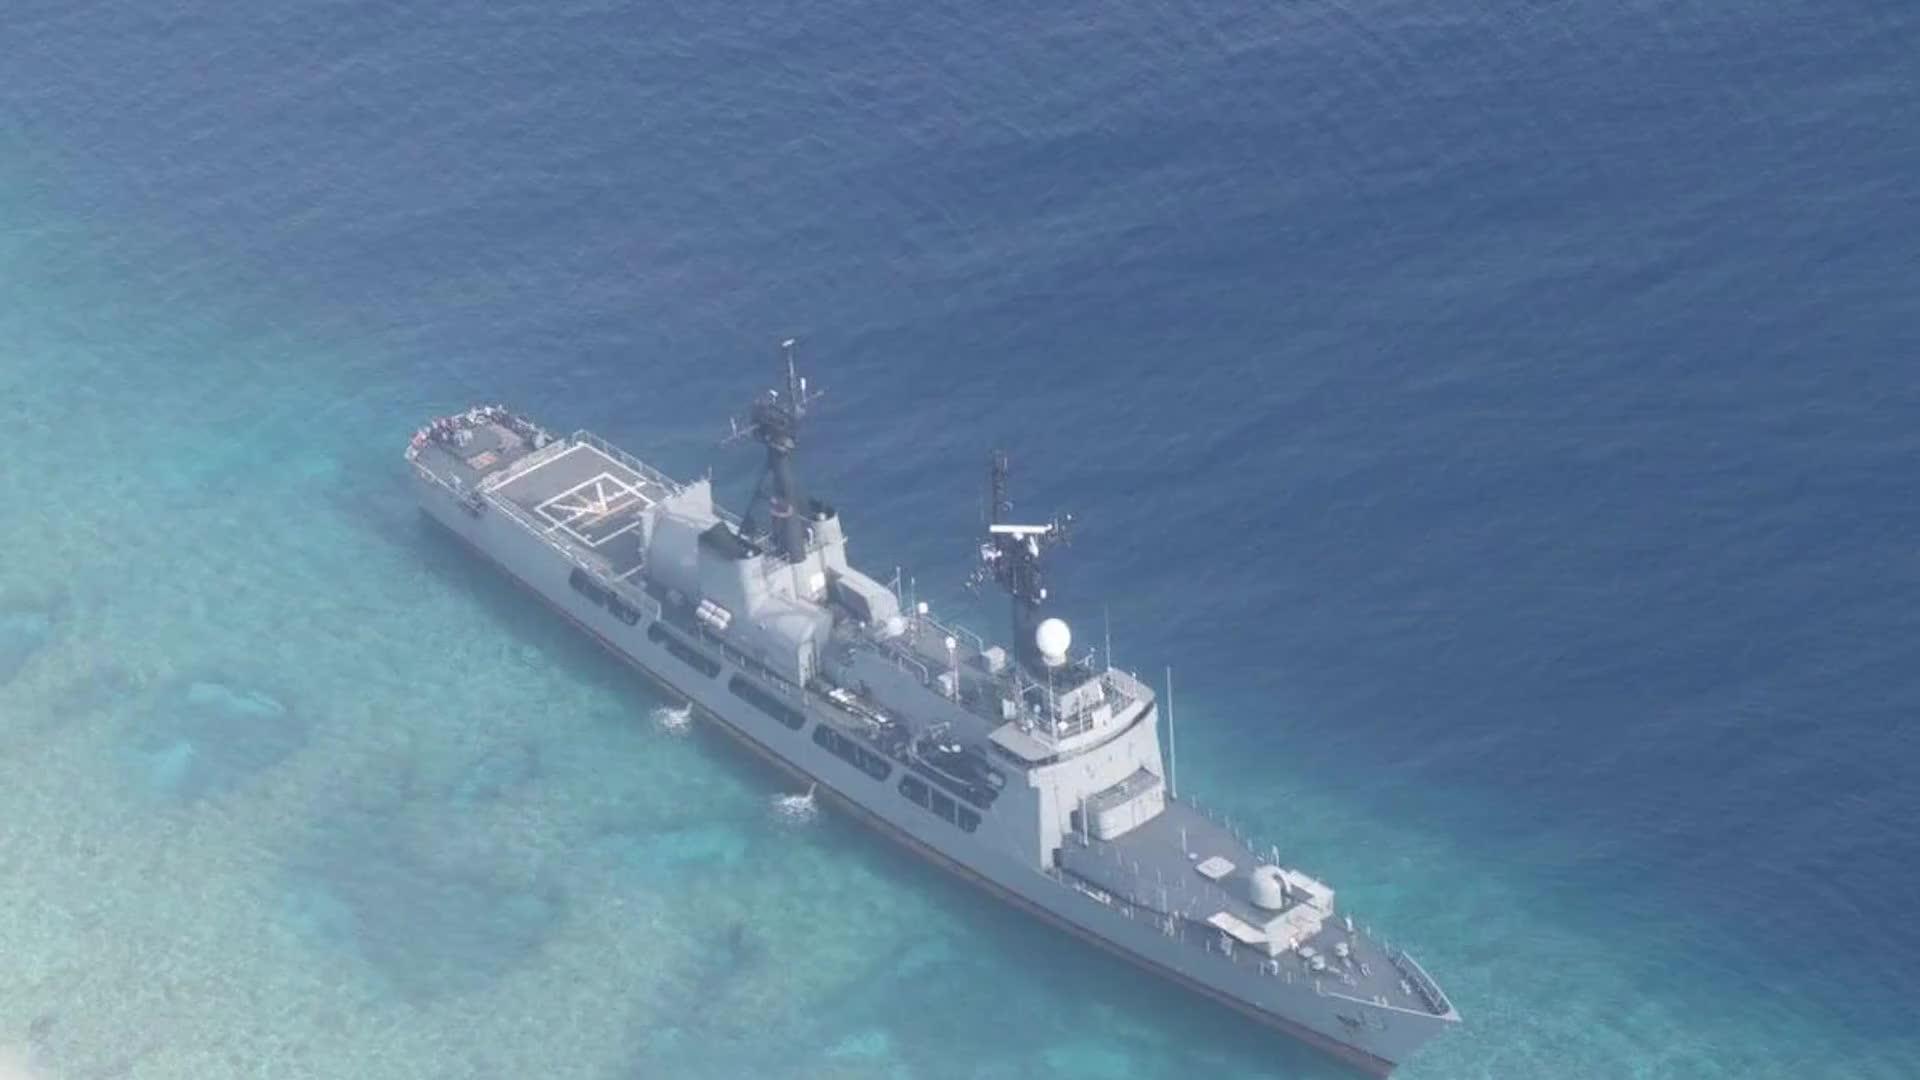 [视频]紧急!菲律宾军舰搁浅中国南海岛礁 中国海警船已抵达现场